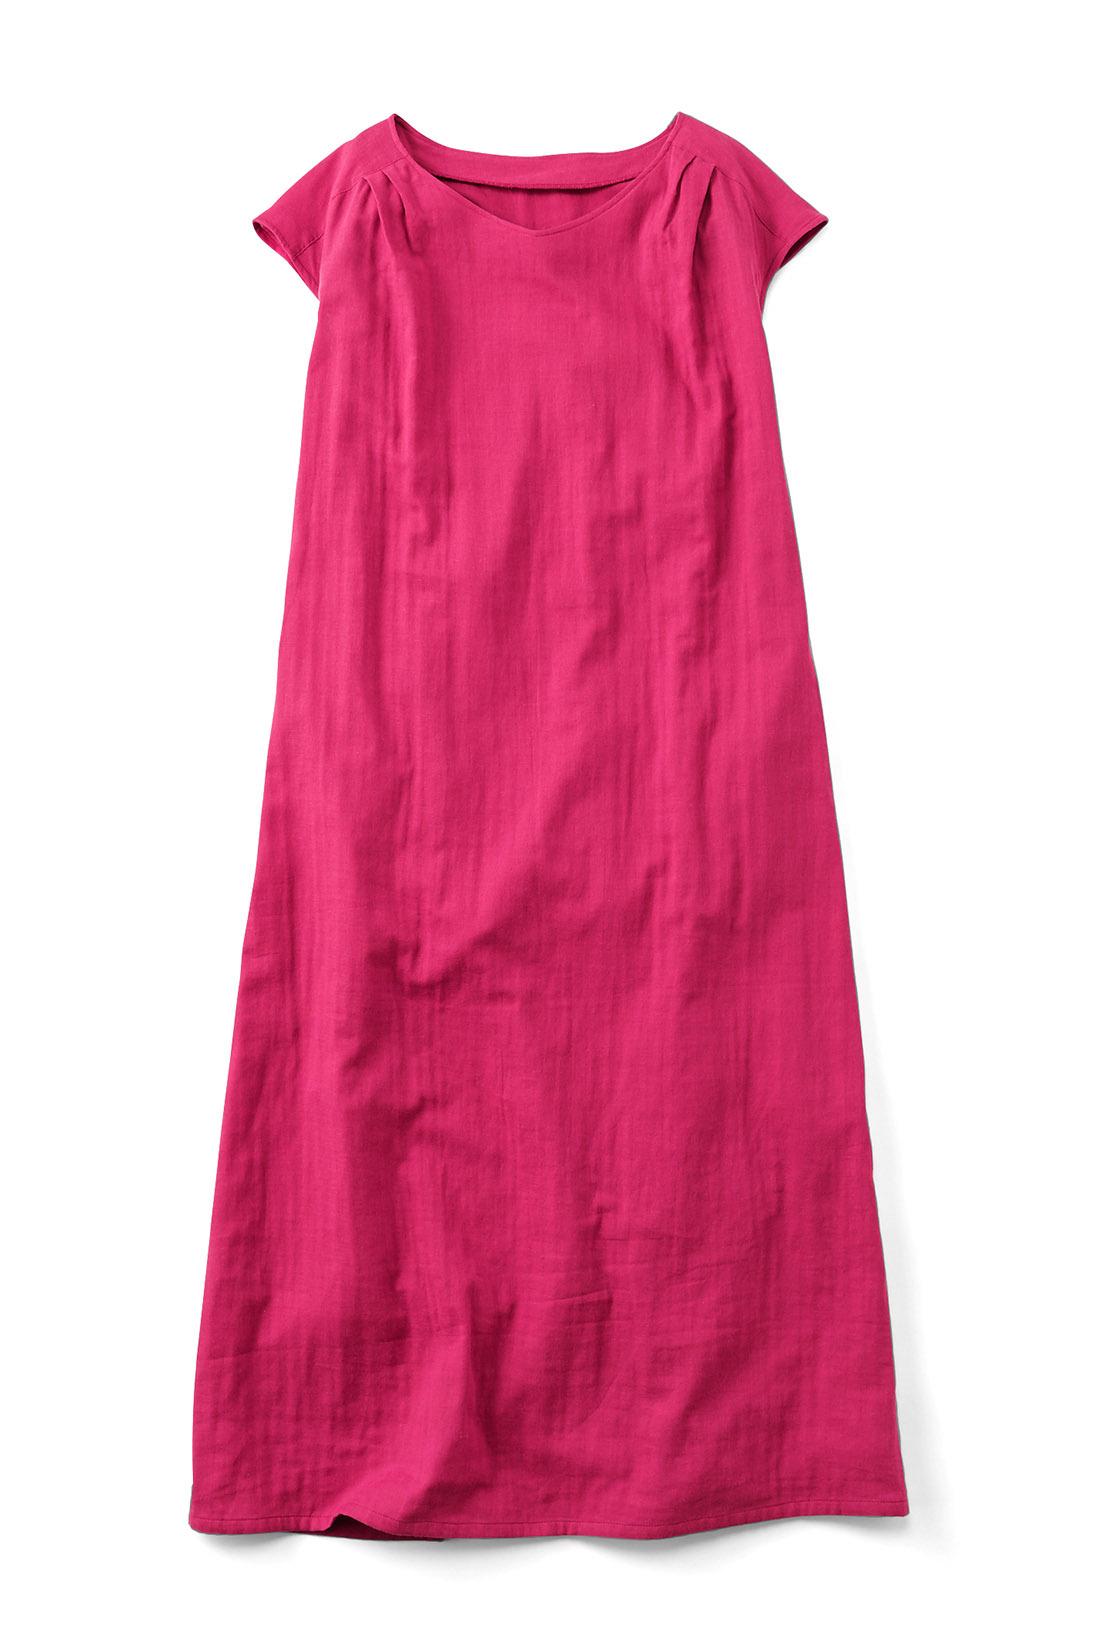 〈ピンク〉 シンプルな形だけど肩のタックが何気にきいてる。少し青みがかったこっくり絶妙なお色味です。